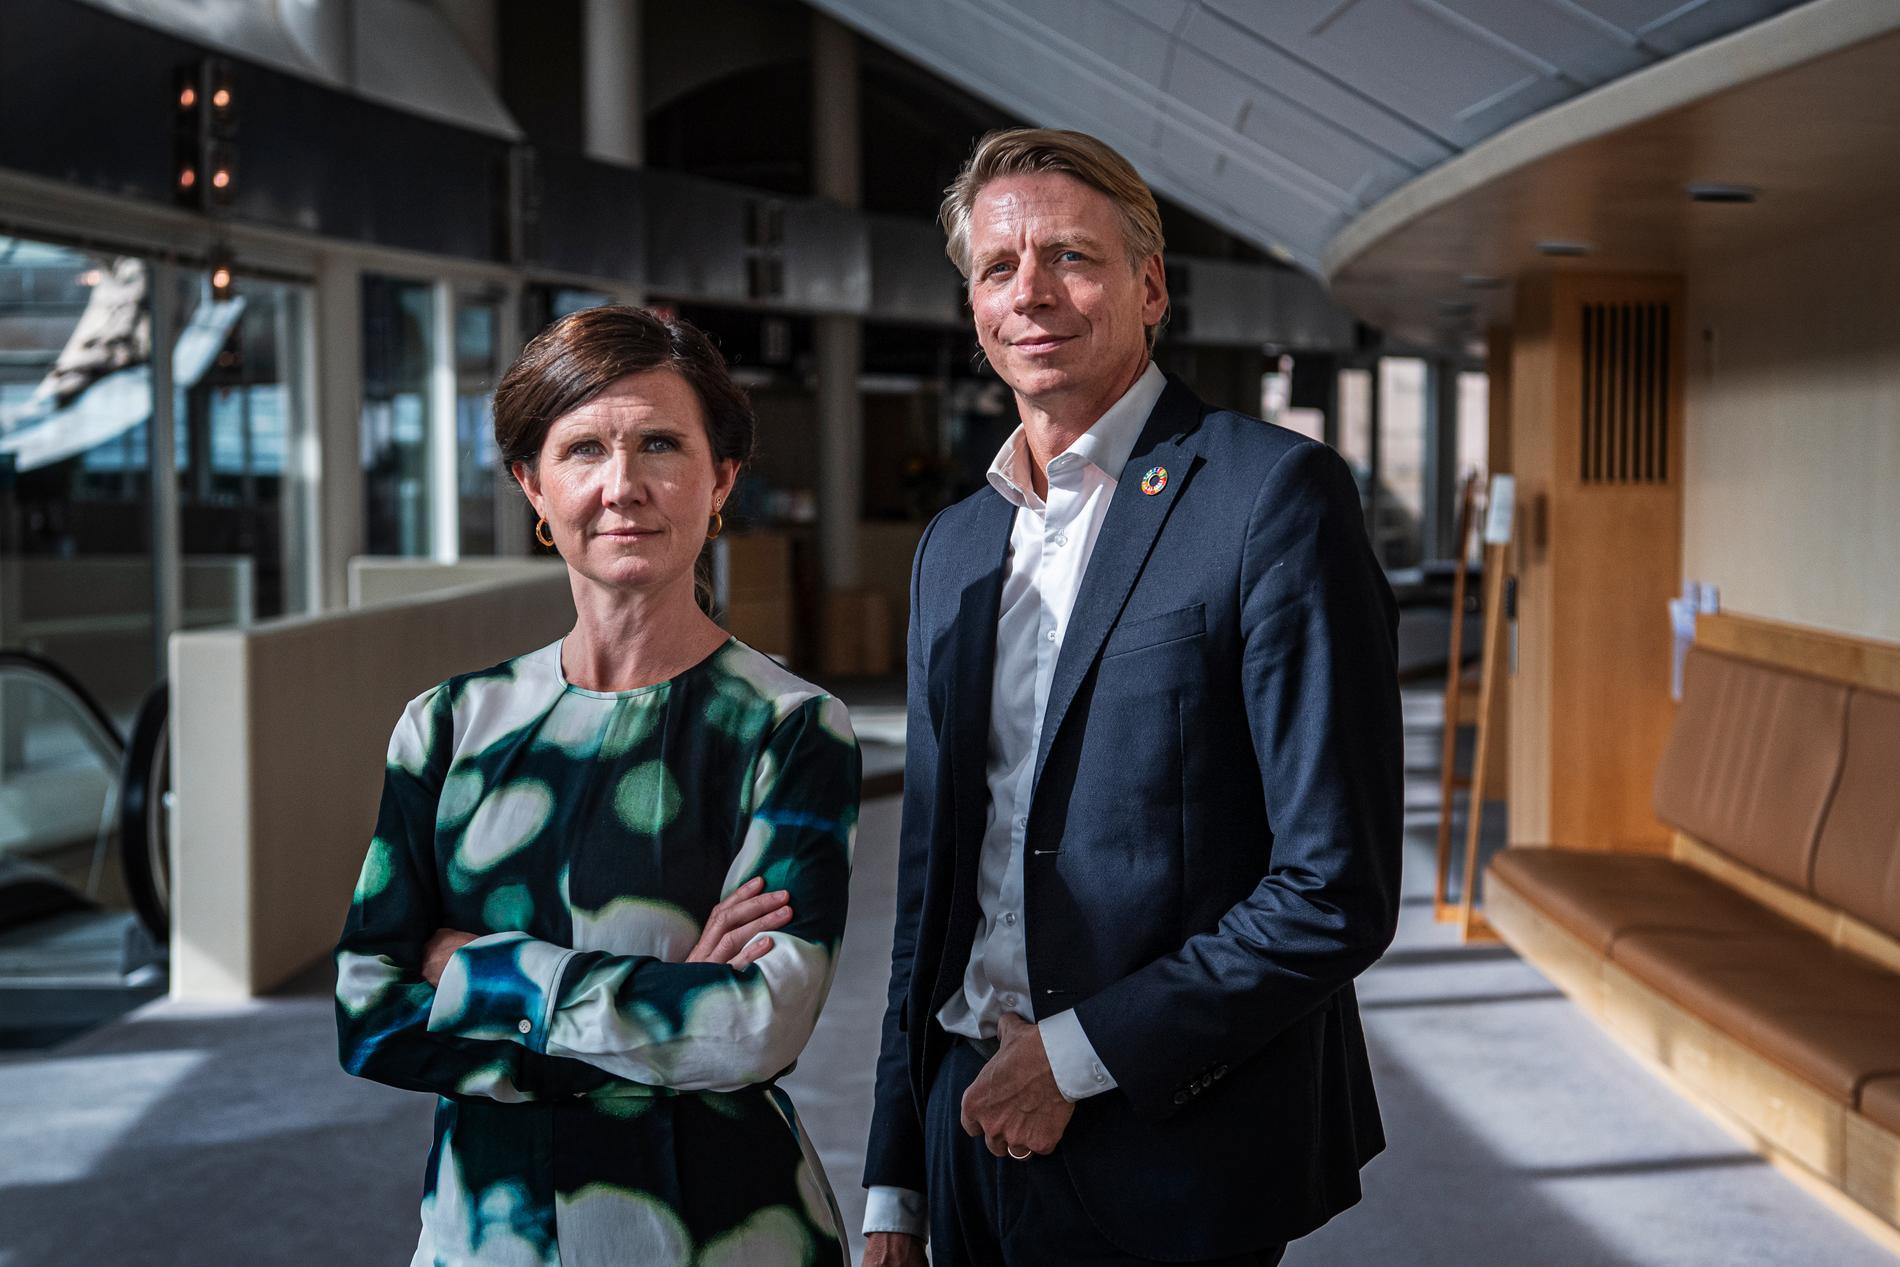 Miljöpartiets språkrör Märta Stenevi och Per Bolund.